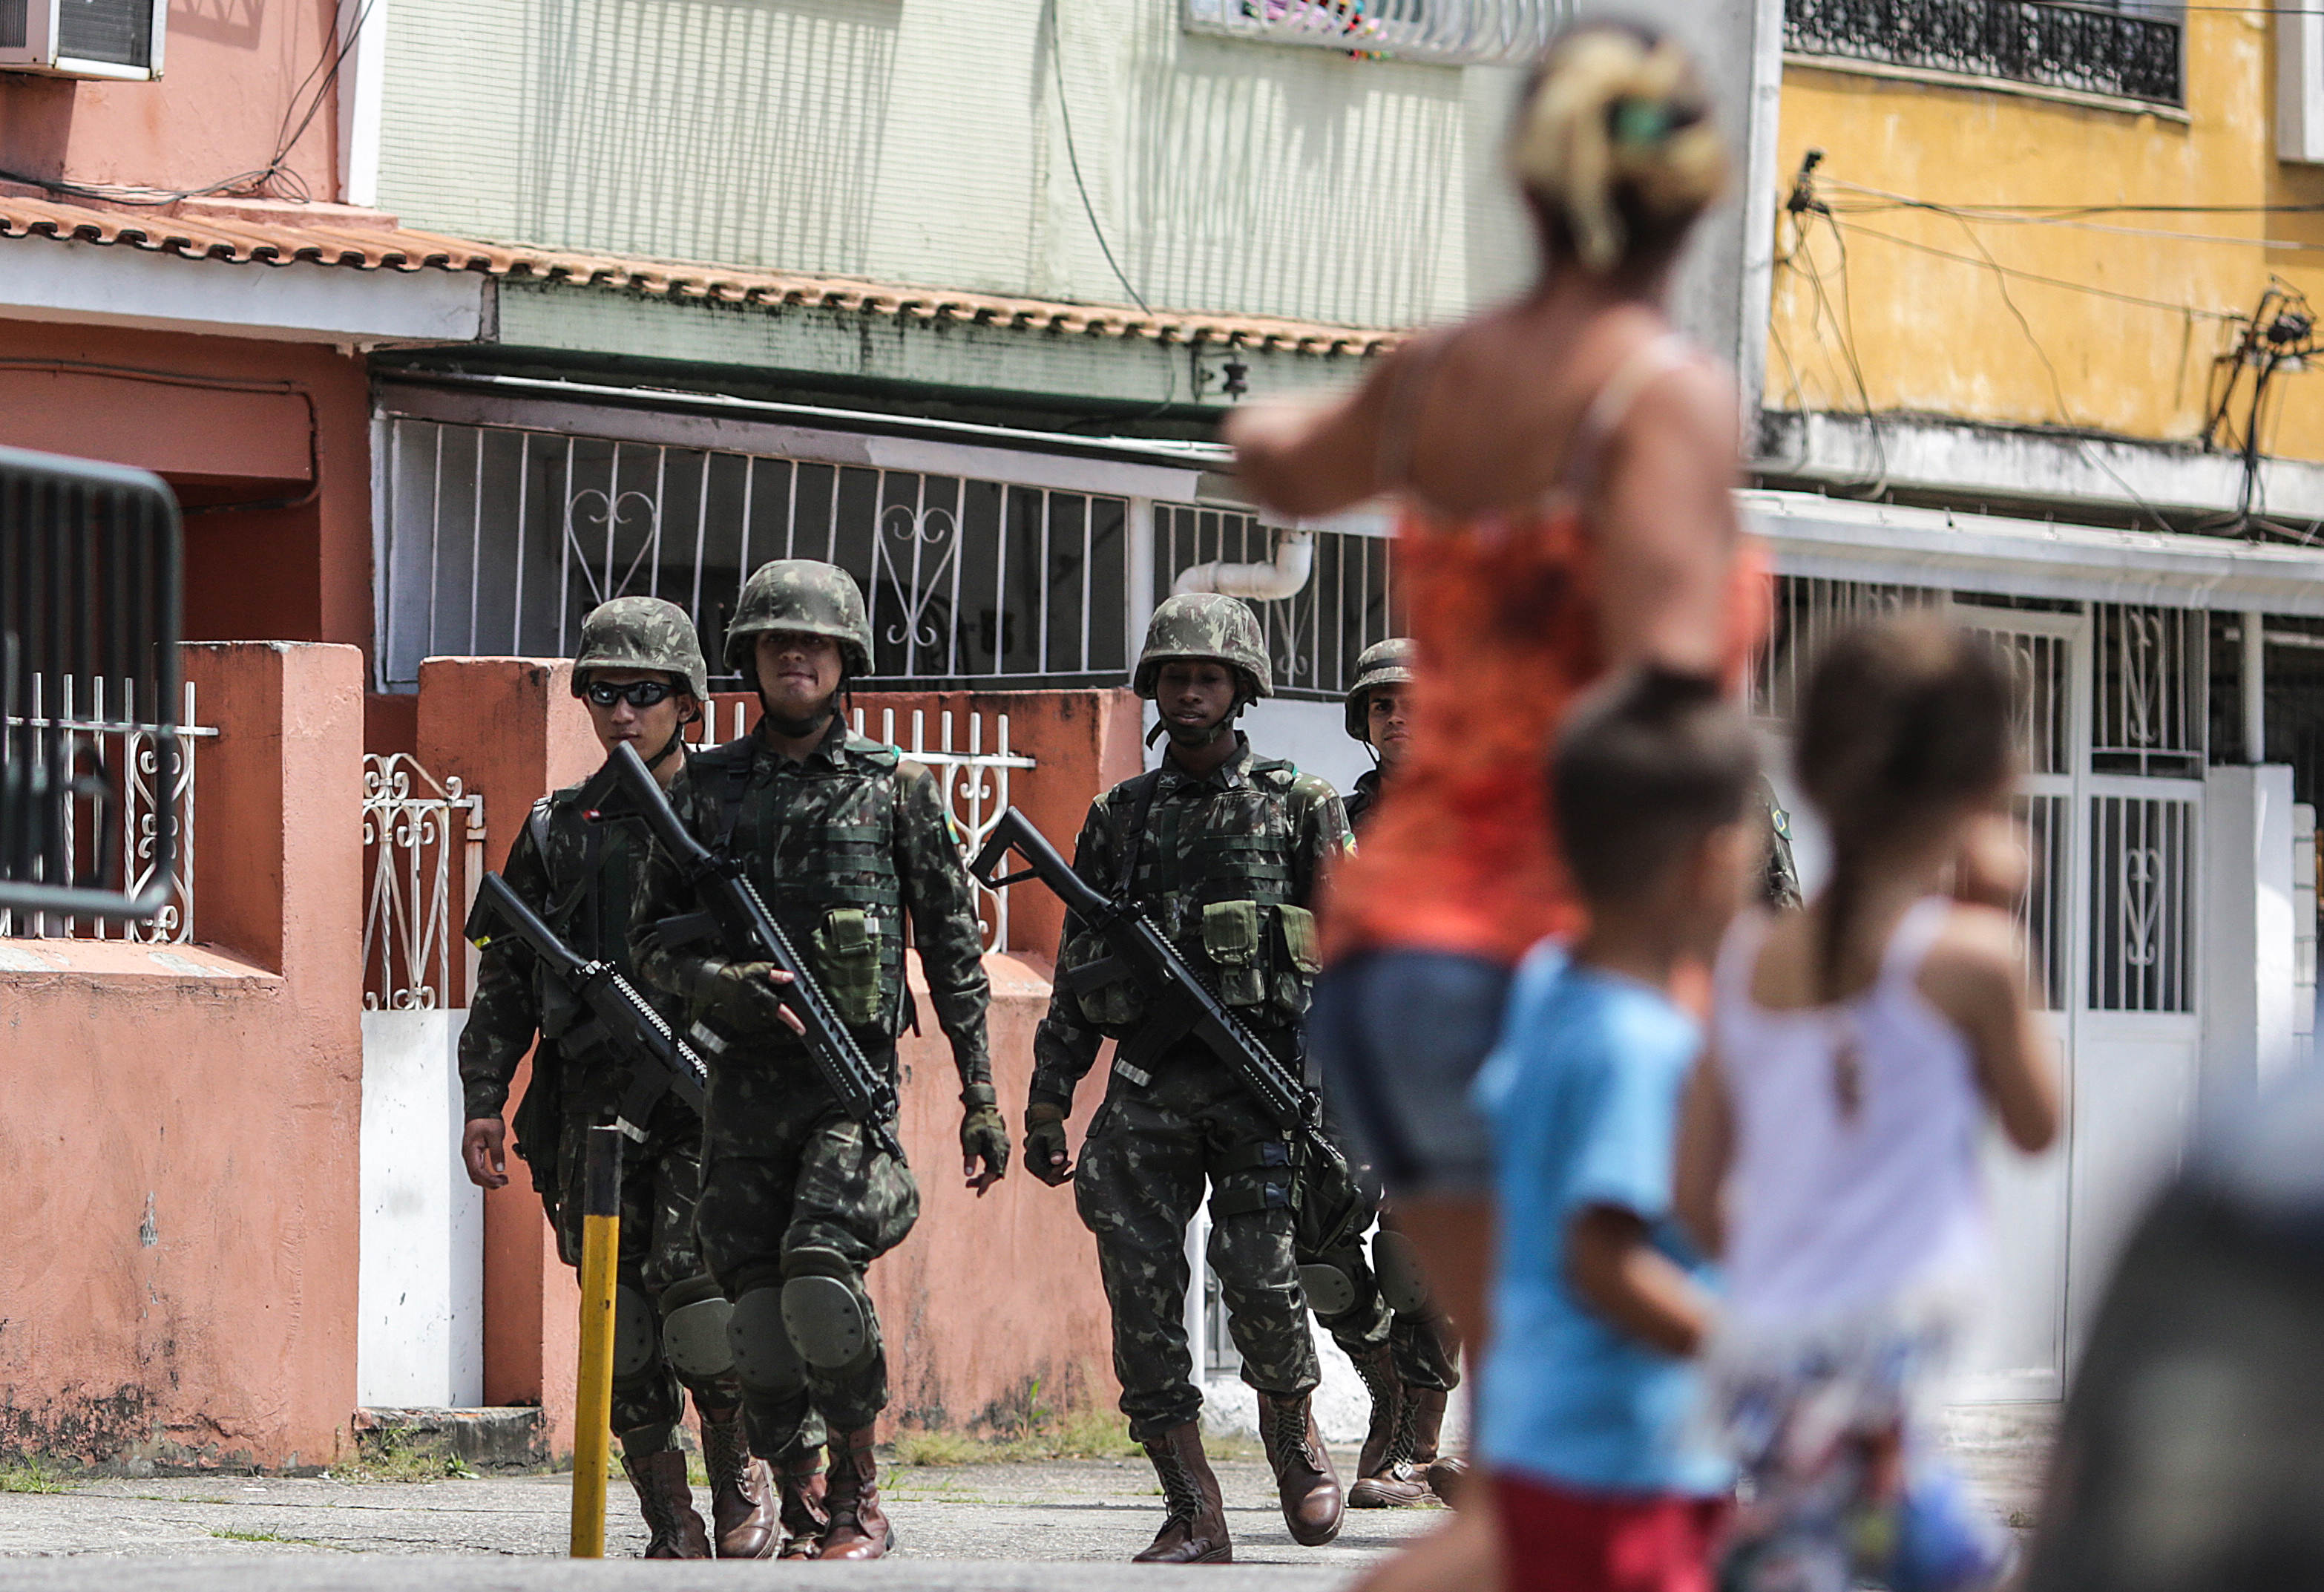 """Agents de l'Exèrcit patrullen després de l'arrest del narcotraficant brasiler Rogerio Avelino de Souza, conegut com a """"Rogerio 157"""", el més buscat de Rio de Janeiro per ser el líder d'una banda que protagonitza des de fa mesos una """"guerra"""" en la favela més gran d'aquesta ciutat (Brasil). /ANTONIO LACERDA"""